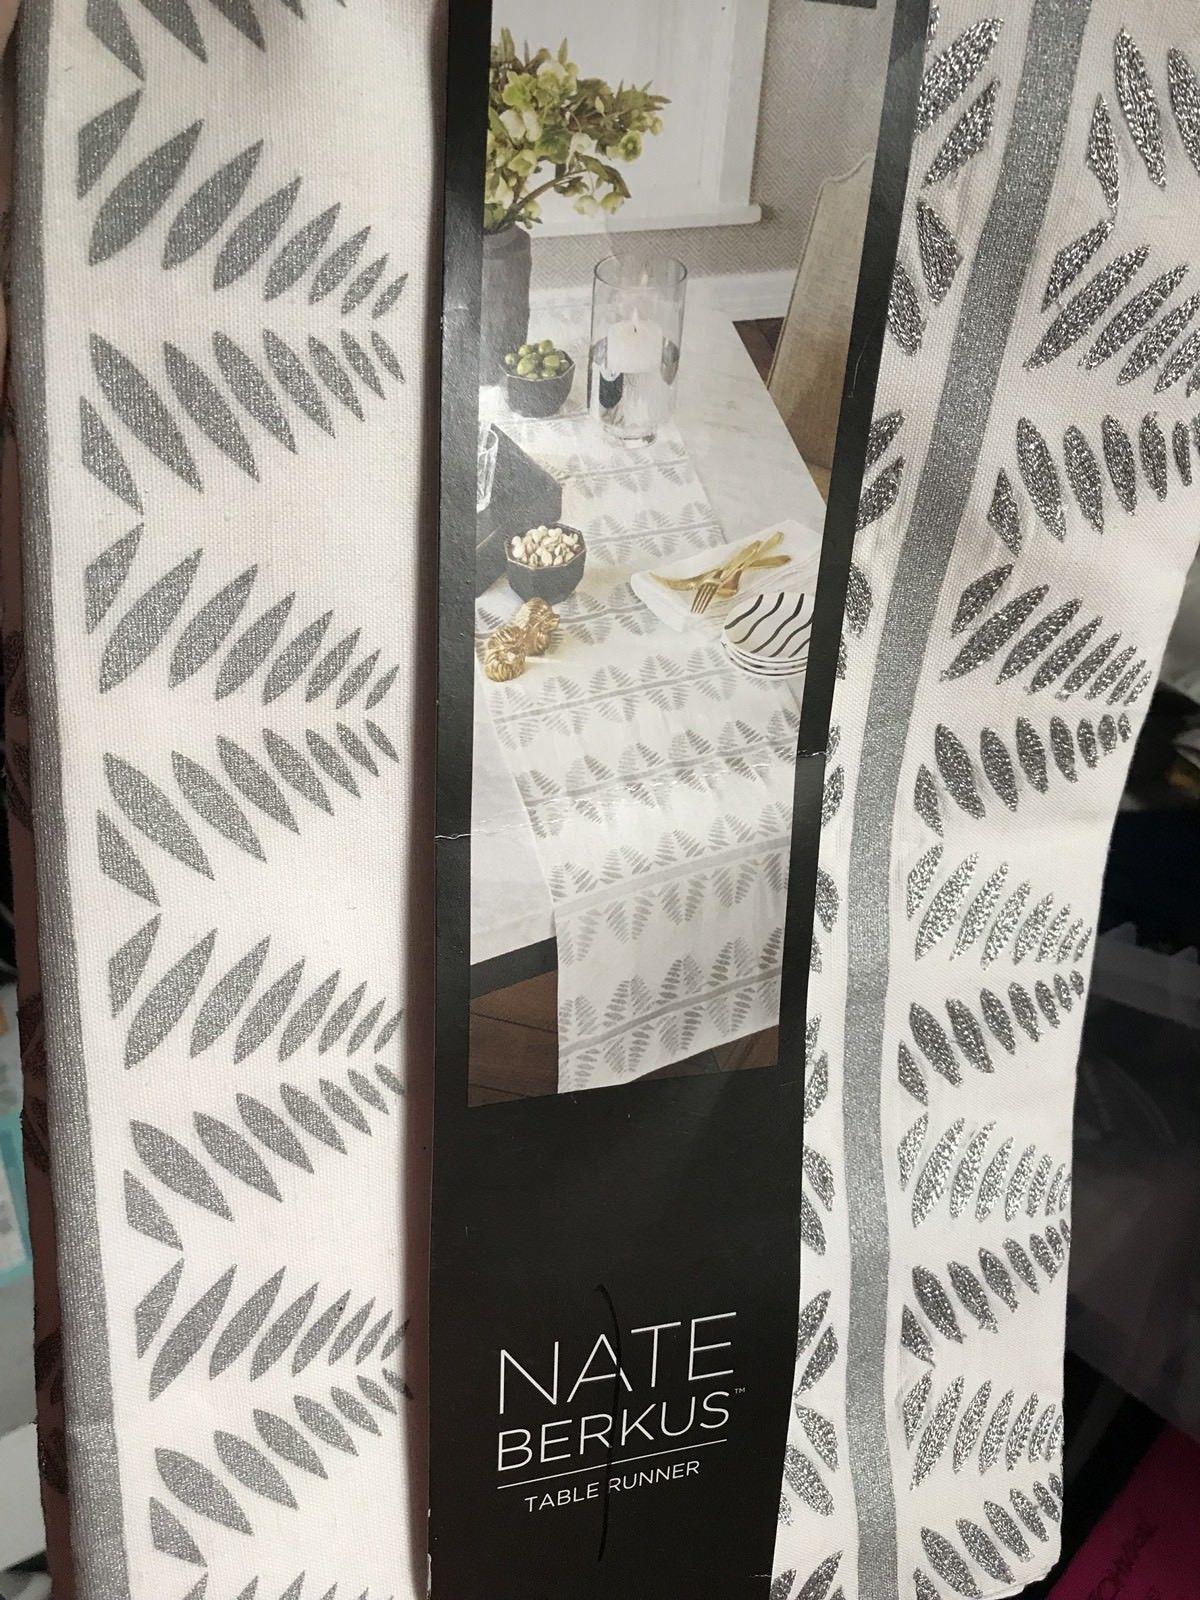 Nate Berkus Embroidered Table Runner